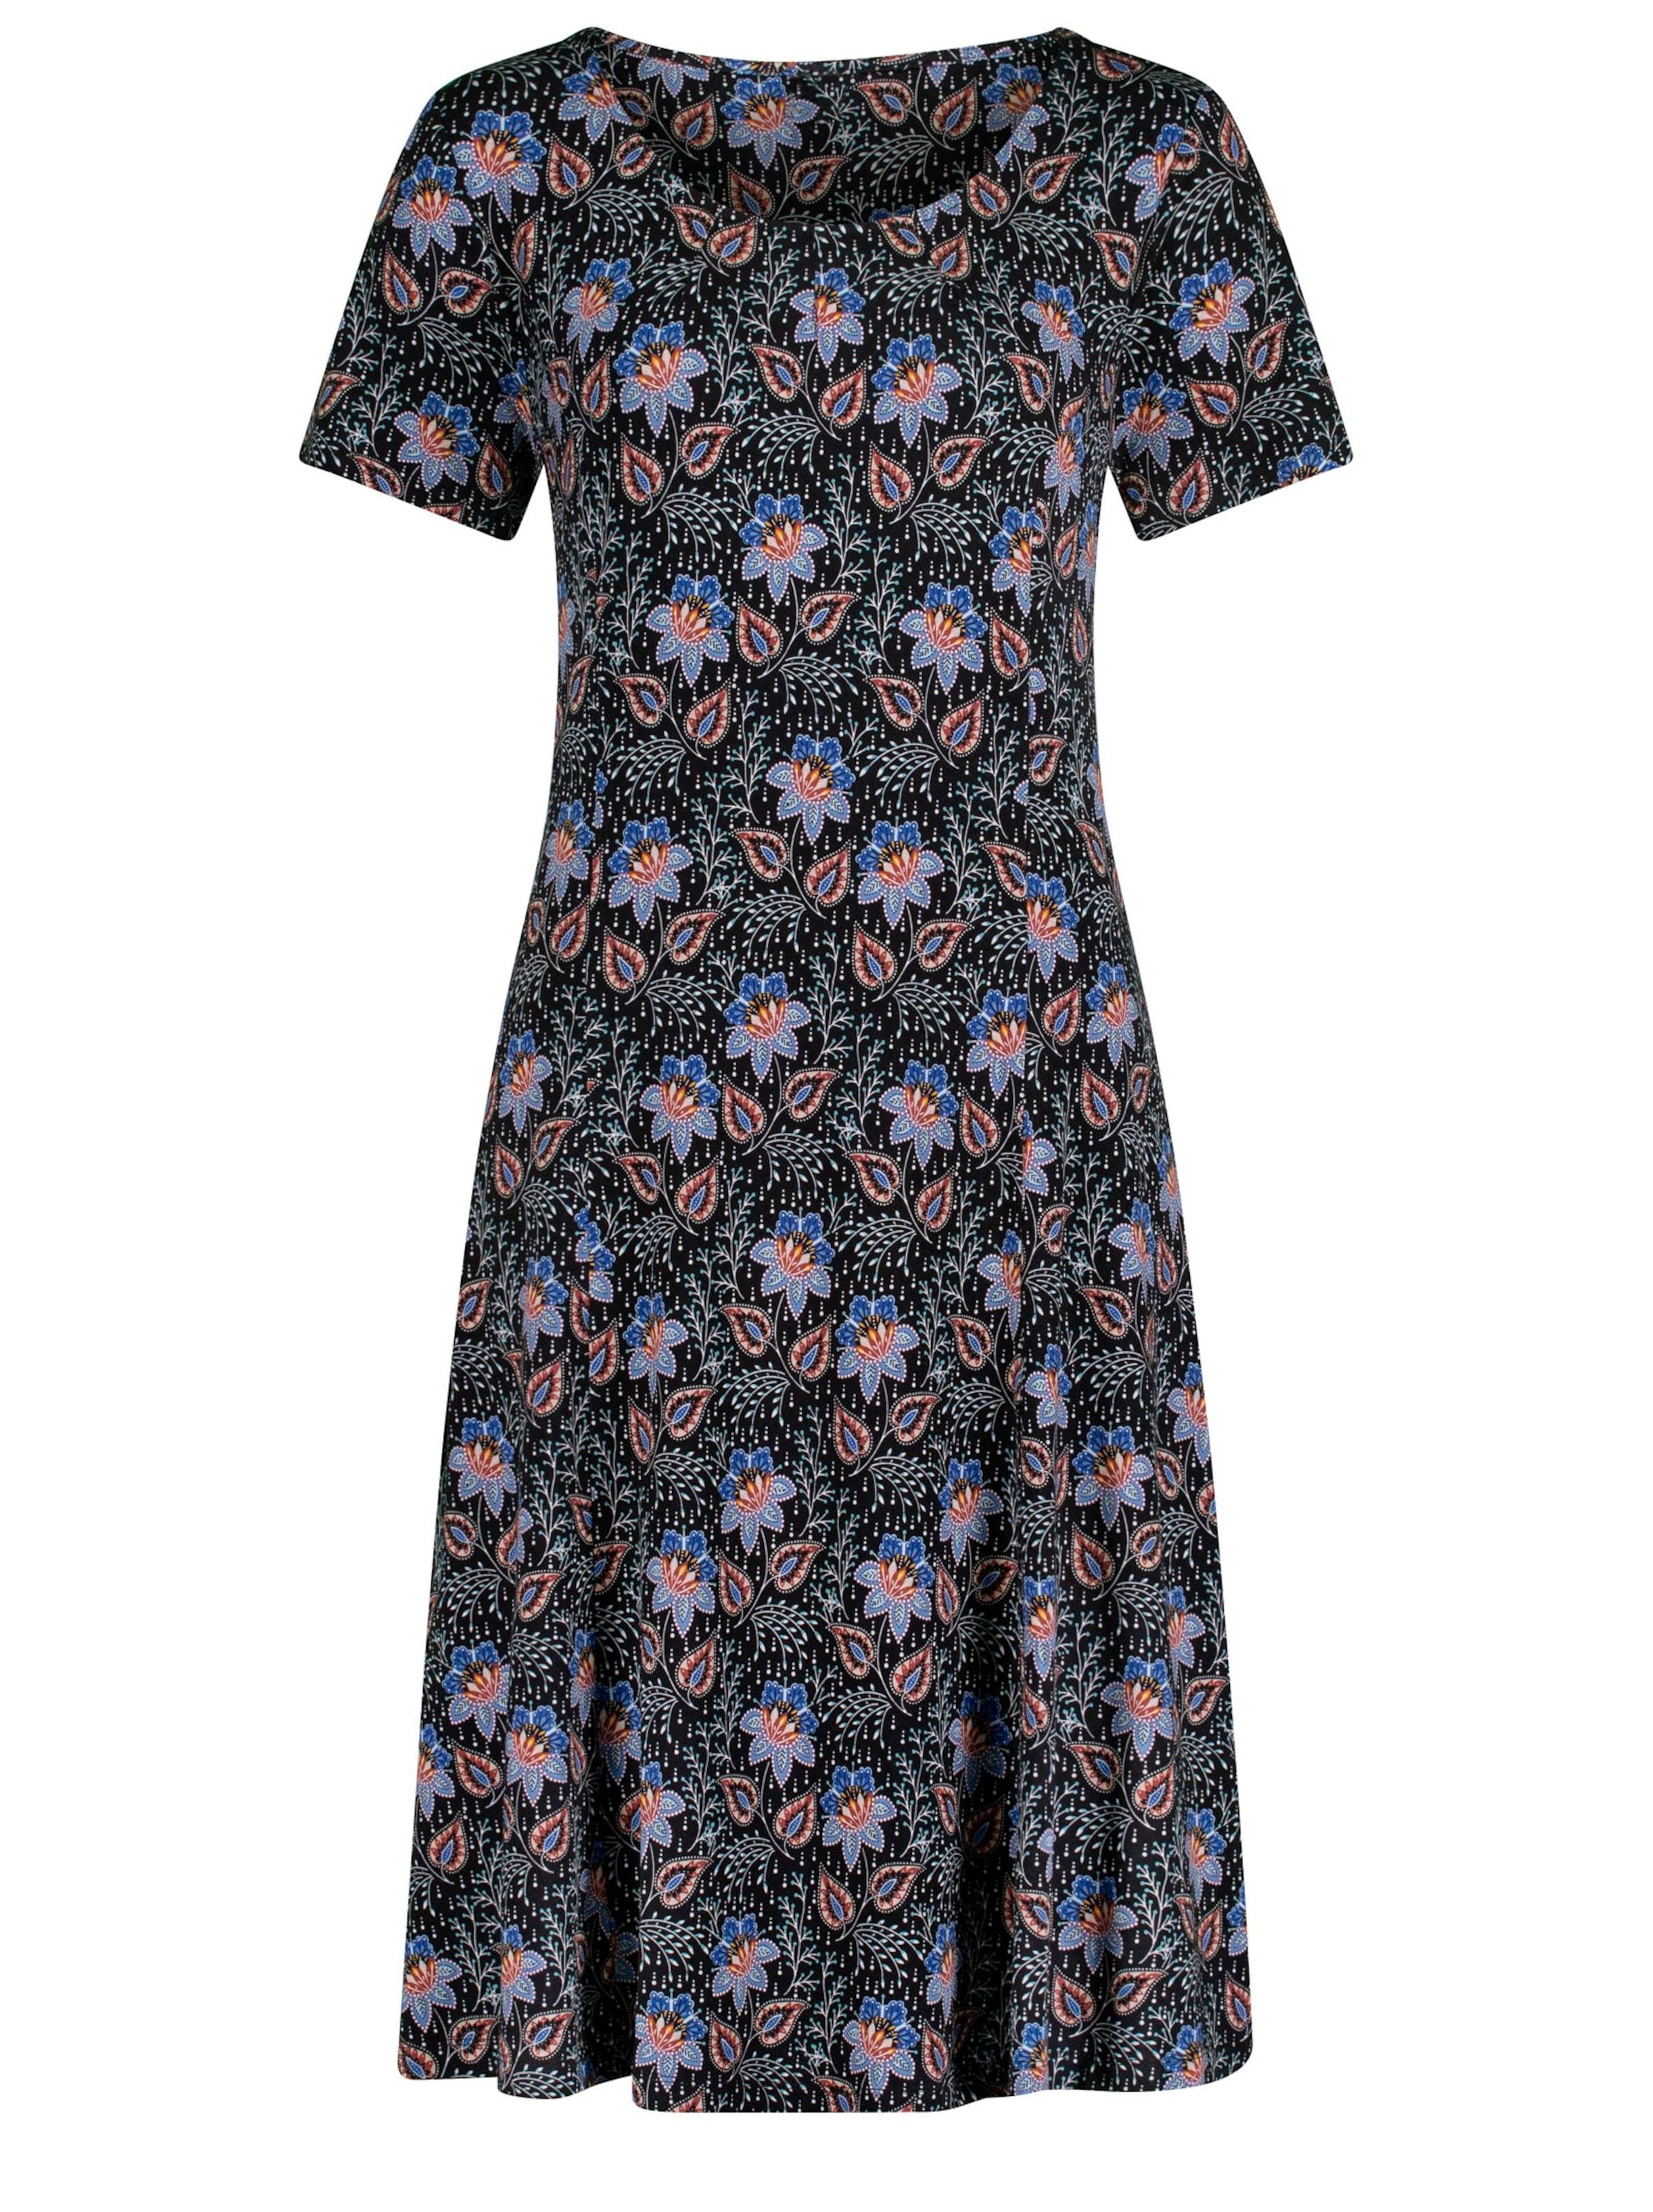 witt weiden -  Damen Jersey-Kleid schwarz-bedruckt